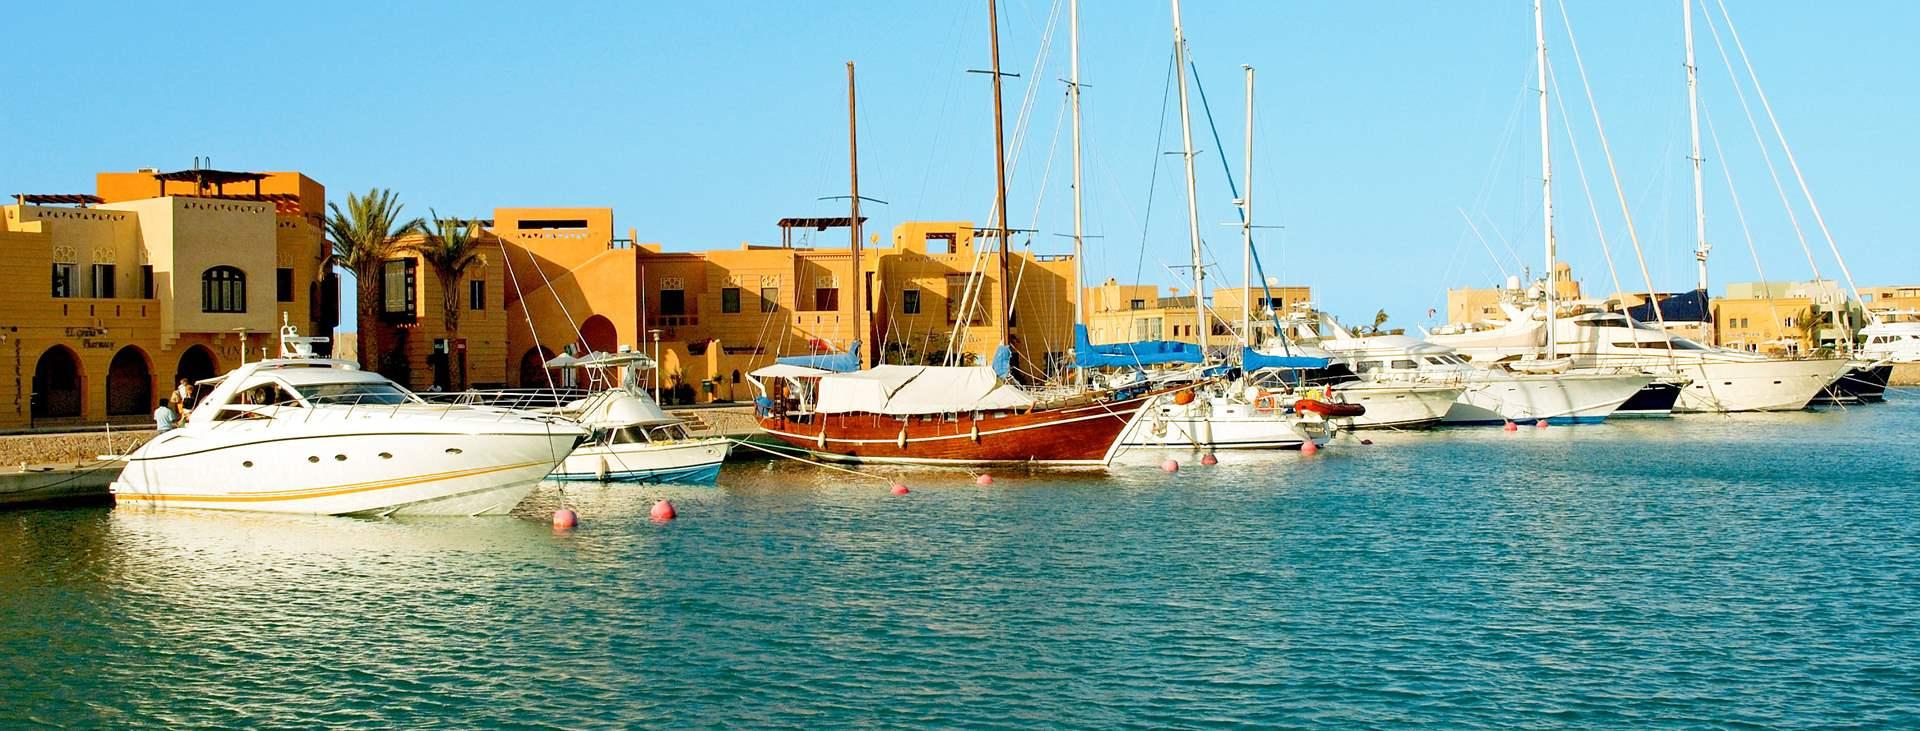 Spill golf i Egypt – bestill en reise til El Gouna